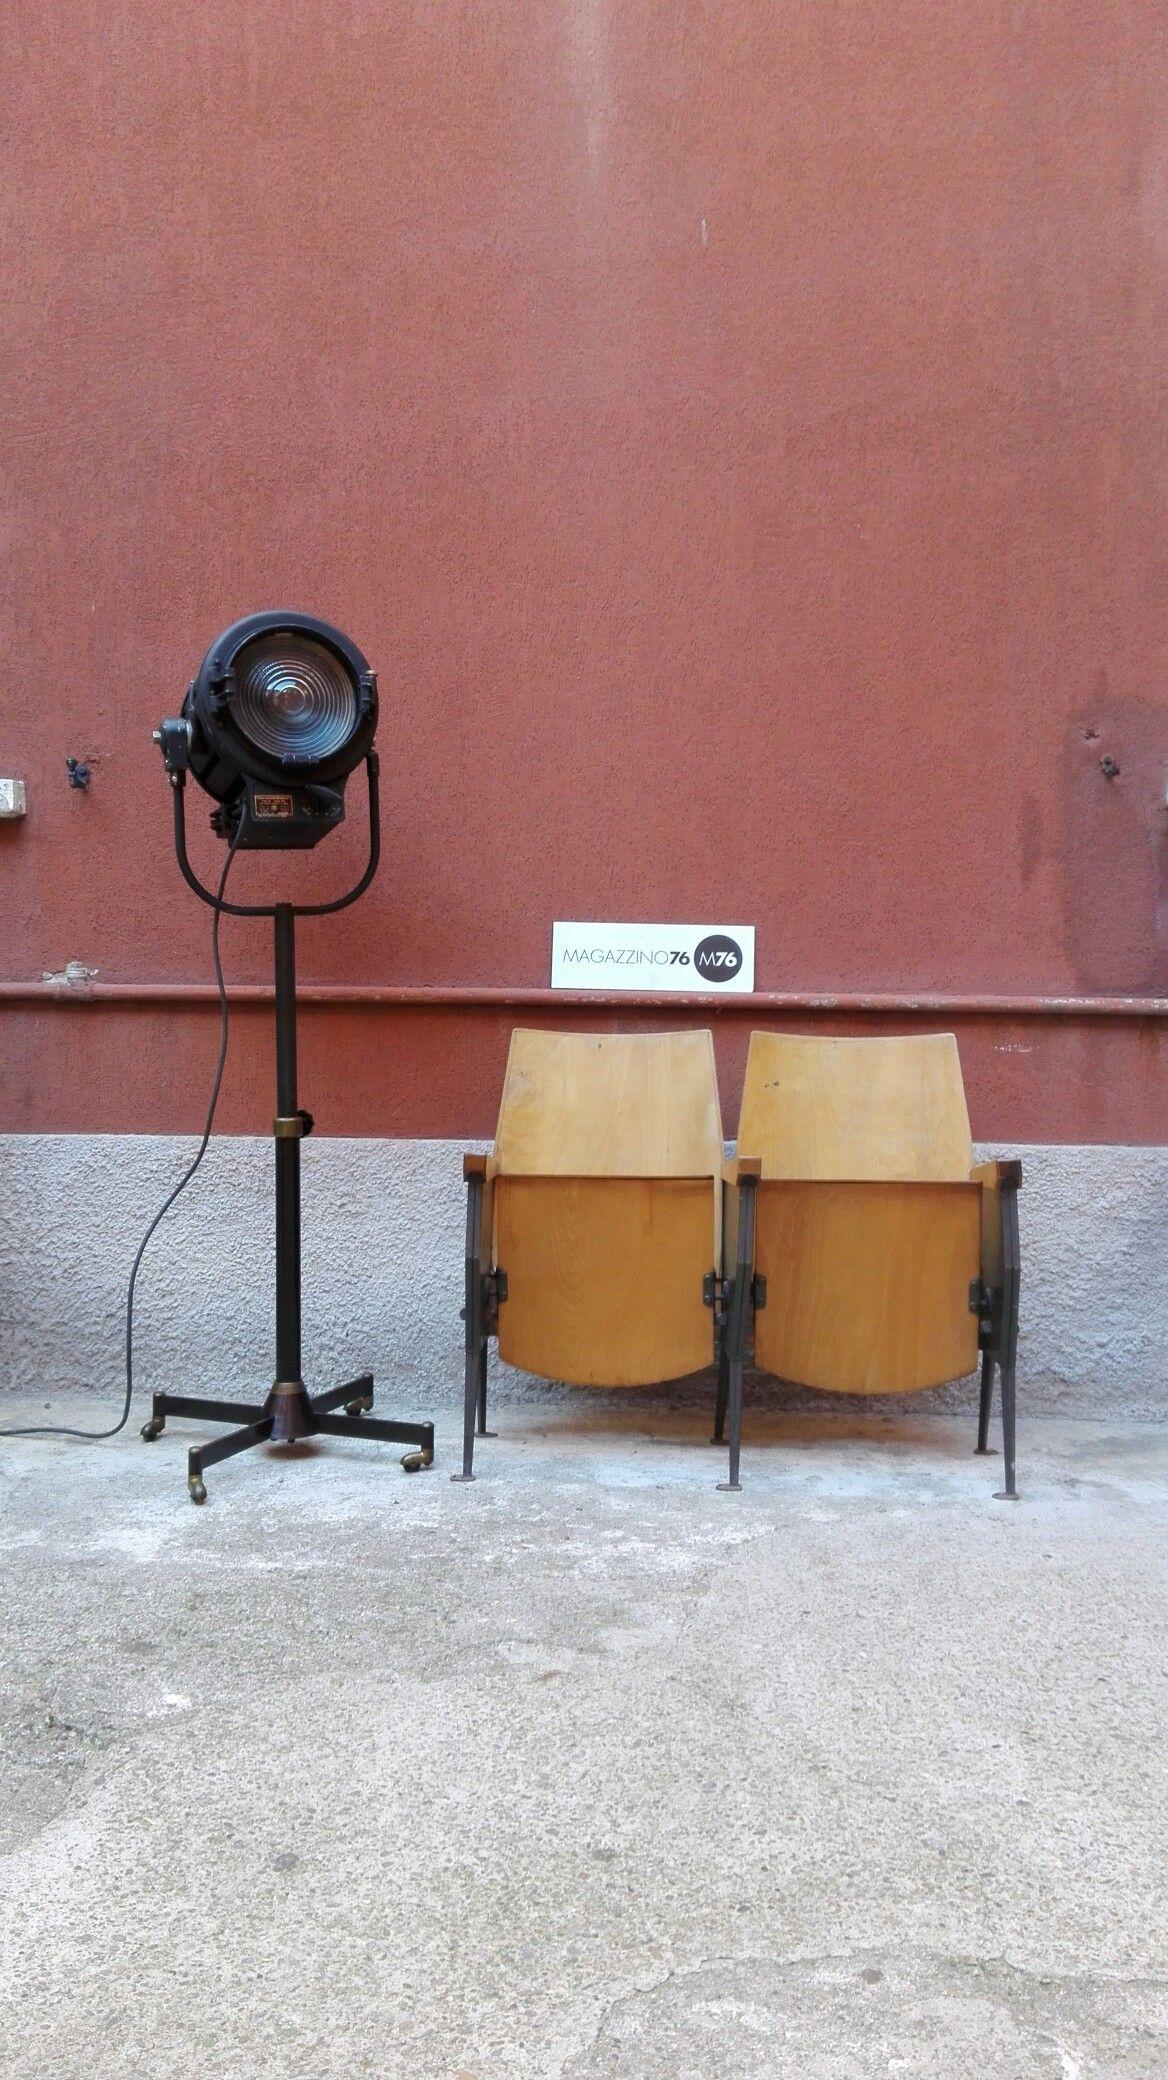 Sedie Da Cinema In Legno.Sedie Da Cinema In Legno E Ferro Anni60 Disponibili File Da 1 2 3